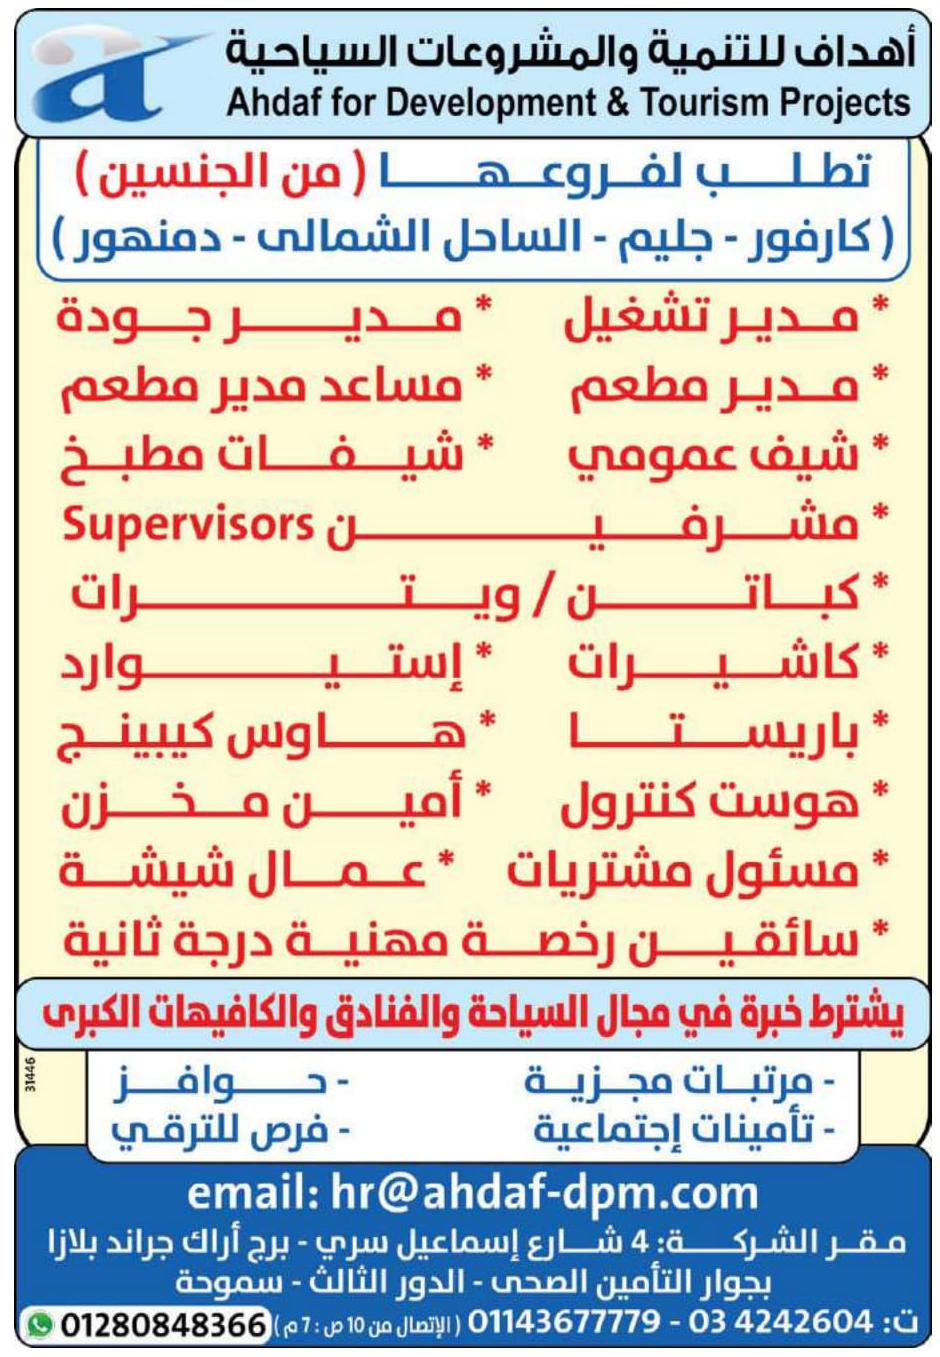 وظائف الوسيط الاسكندرية